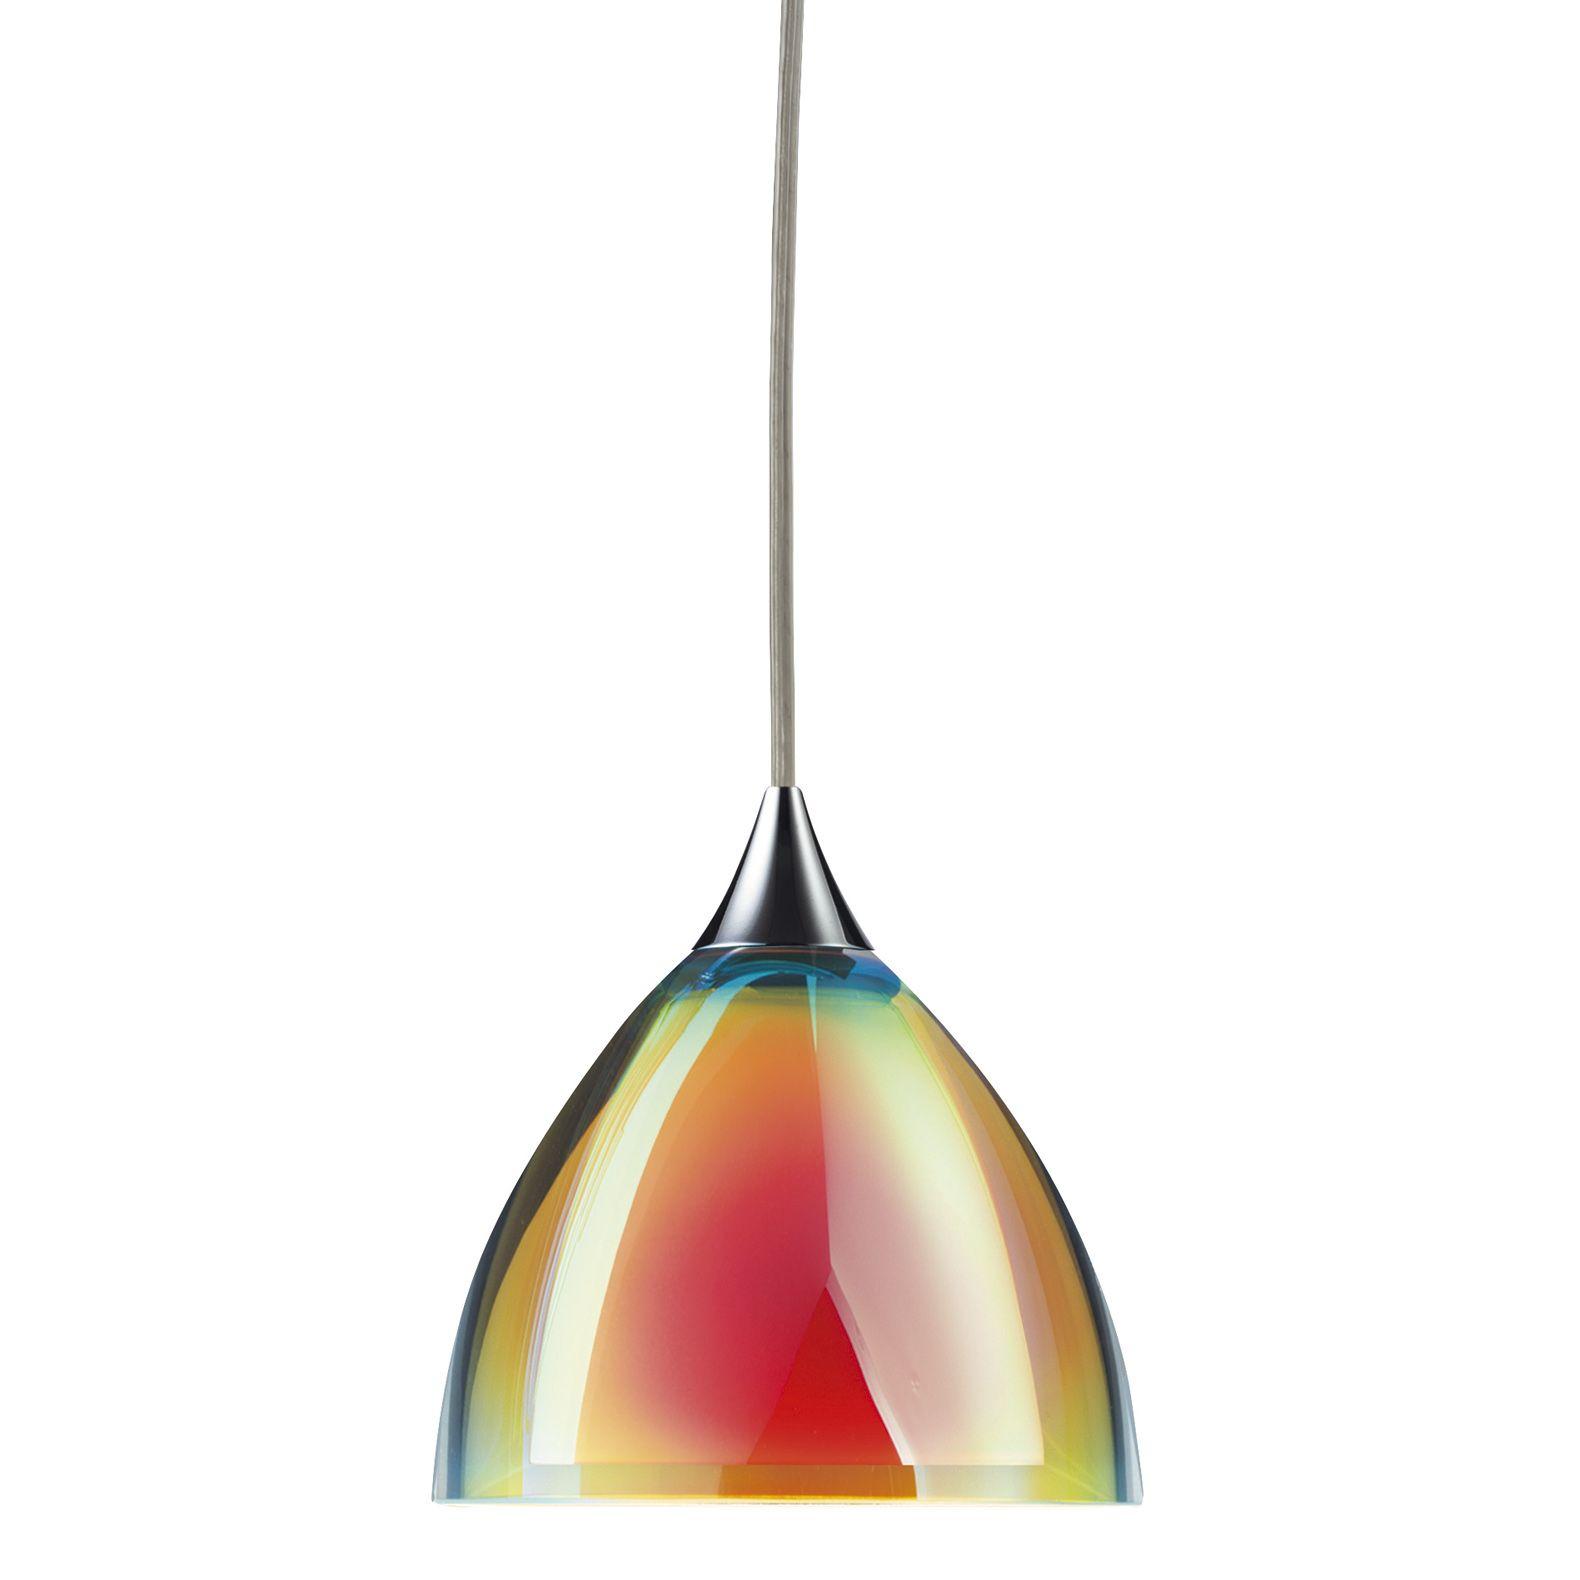 Pendelleuchten Ausgefeilte Lichttechnik Fur Gleichmassige Ausleuchtung Anhanger Lampen Beleuchtung Decke Glas Pendelleuchten